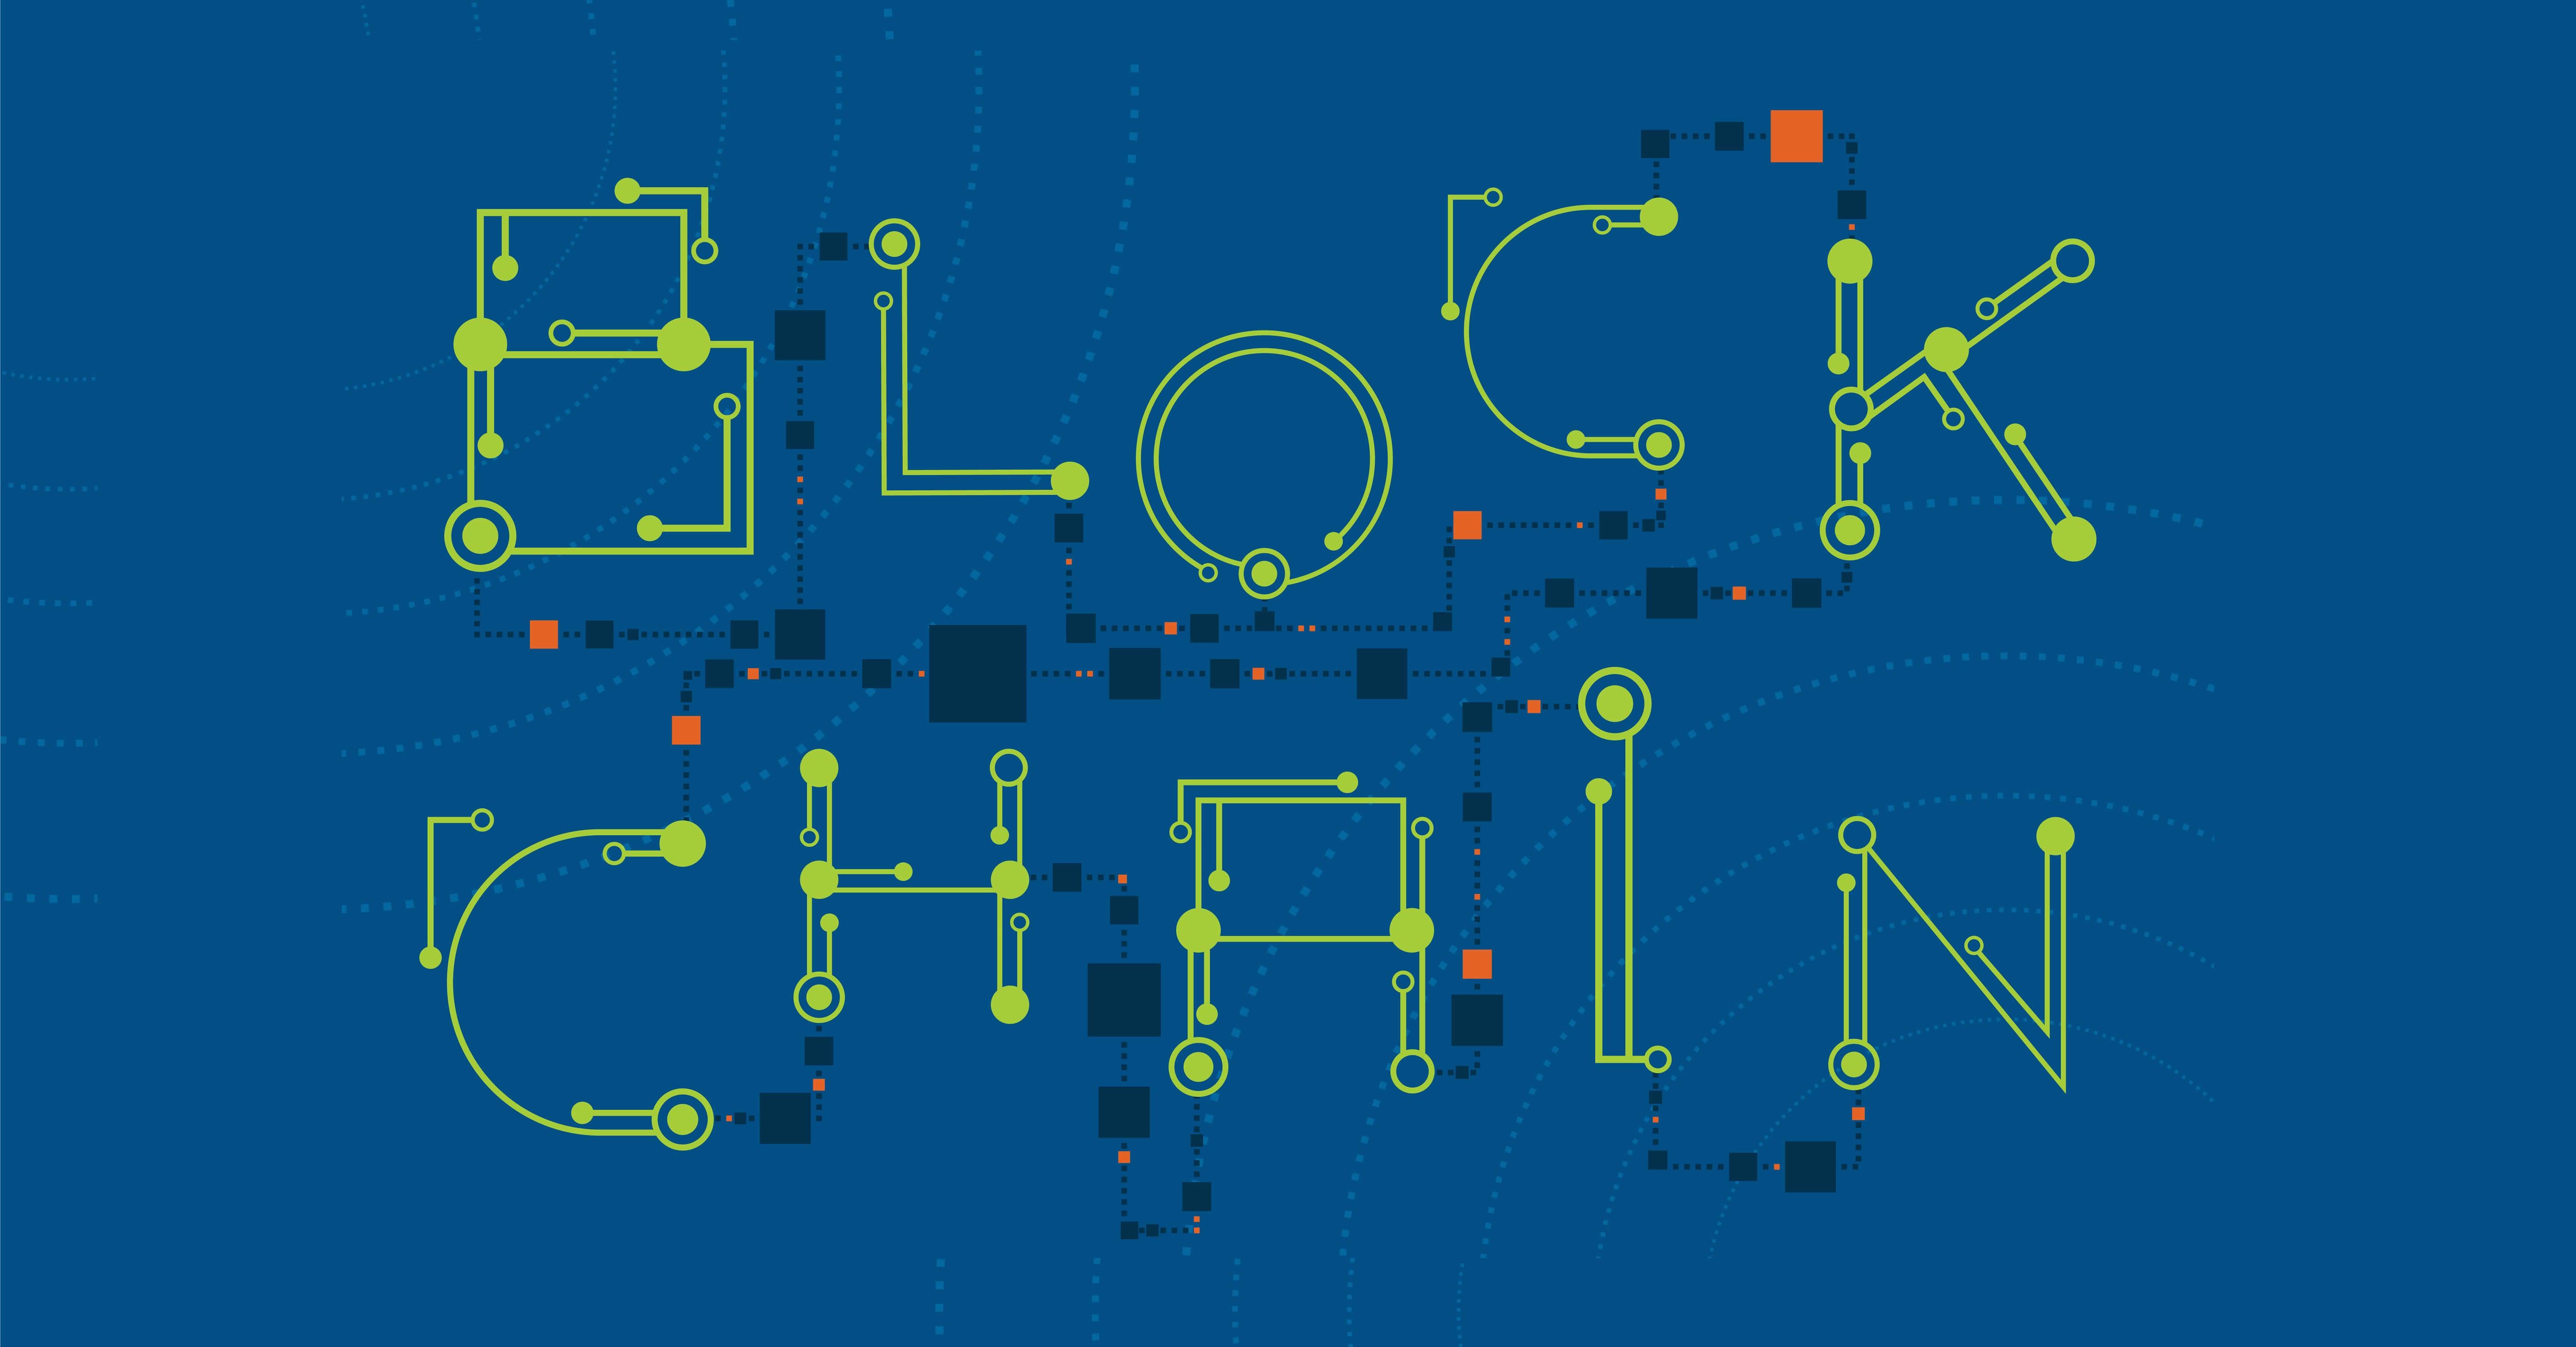 ブロックチェーンの遅延を解決するアイエグゼックRLC(iExec RLC/RLC)の特徴は?